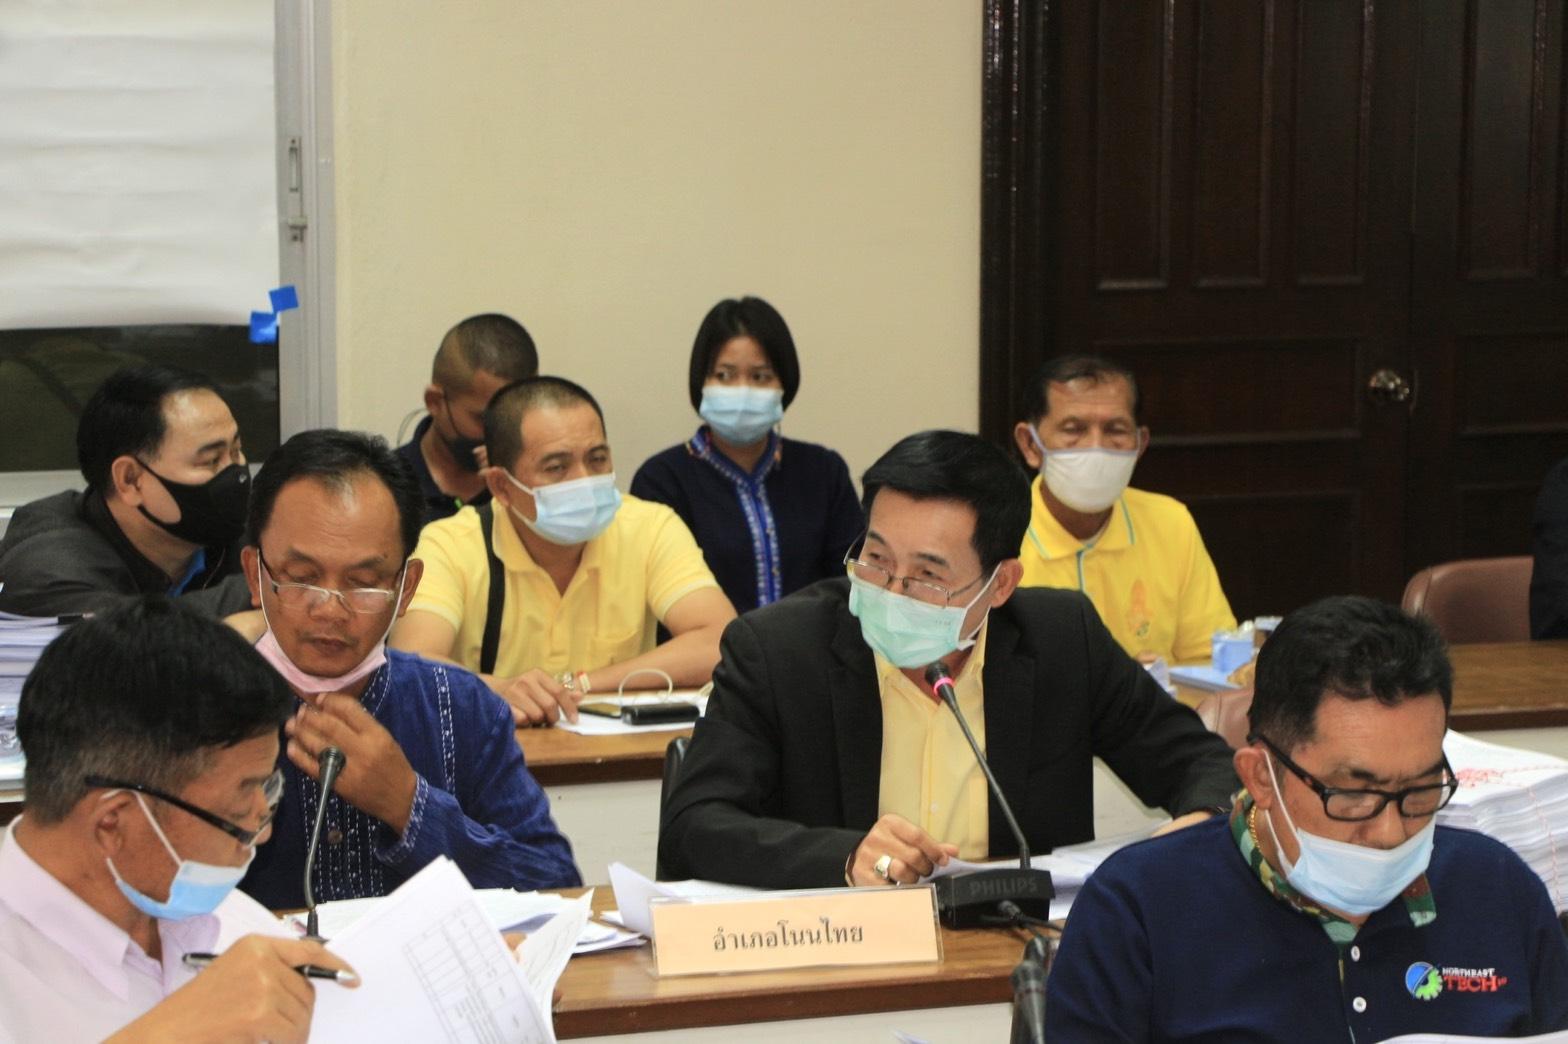 ประชุมเพื่อชี้แจงคณะกรรมการให้ความช่วยเหลือผู้ประสบภัยพิบัติกรณีฉุกเฉินจังหวัดนครราชสีมา